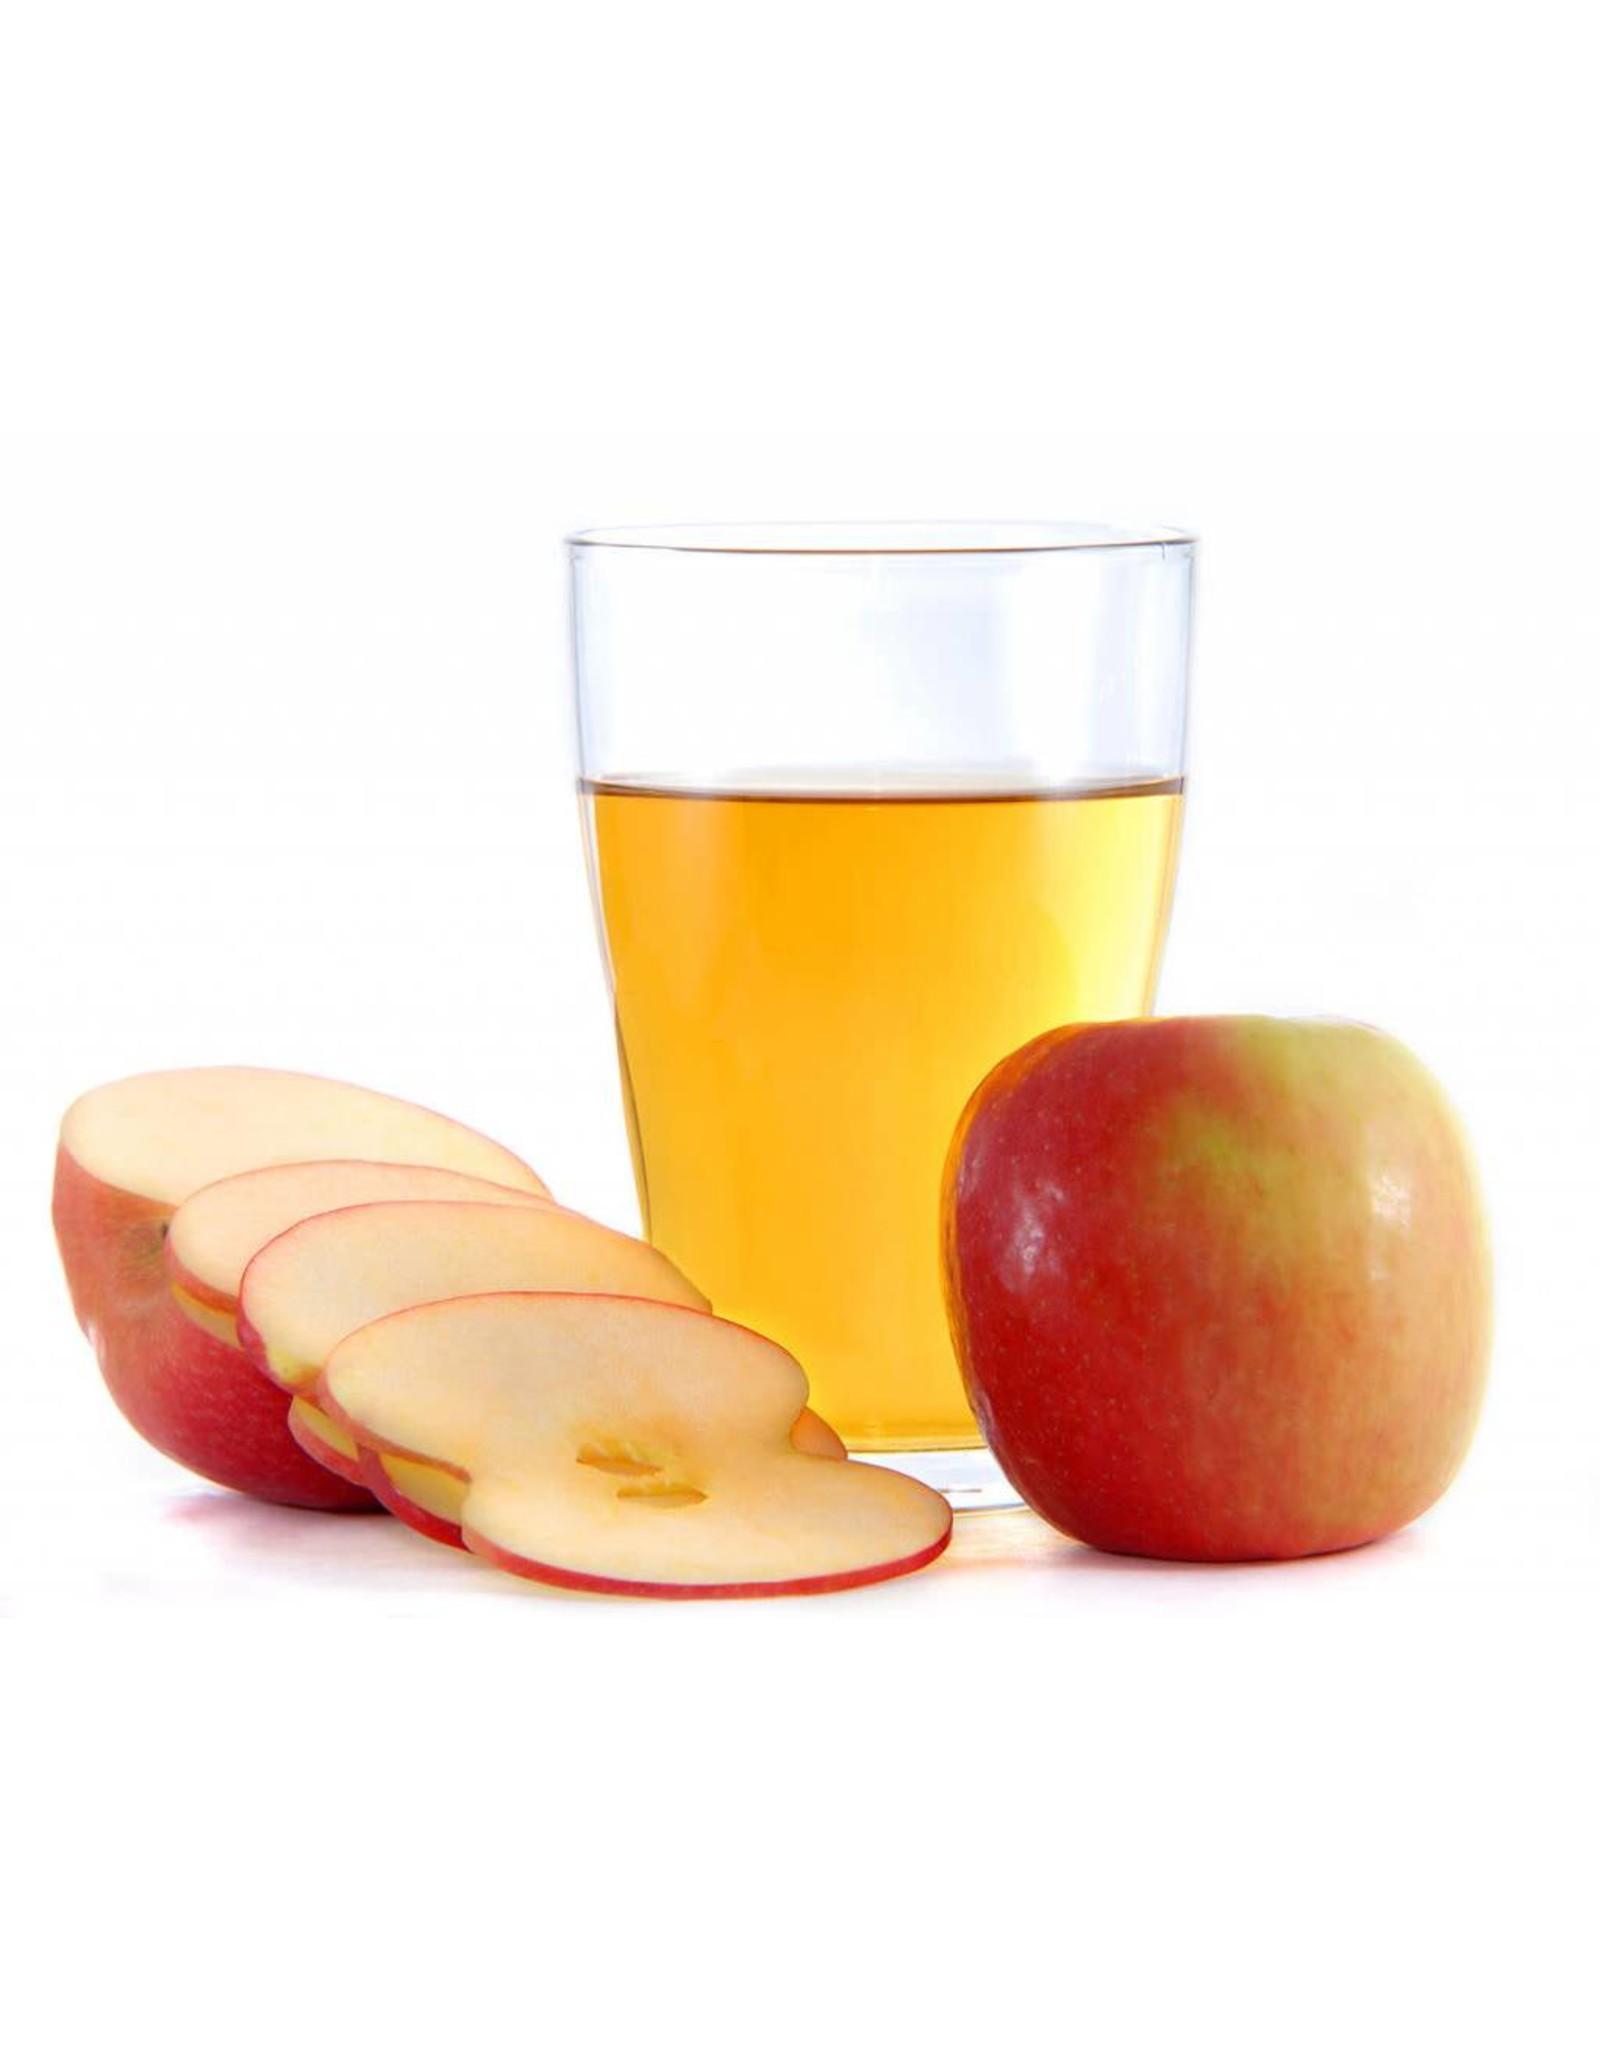 Bulk Unpasteurized Cider - 1 Gallon